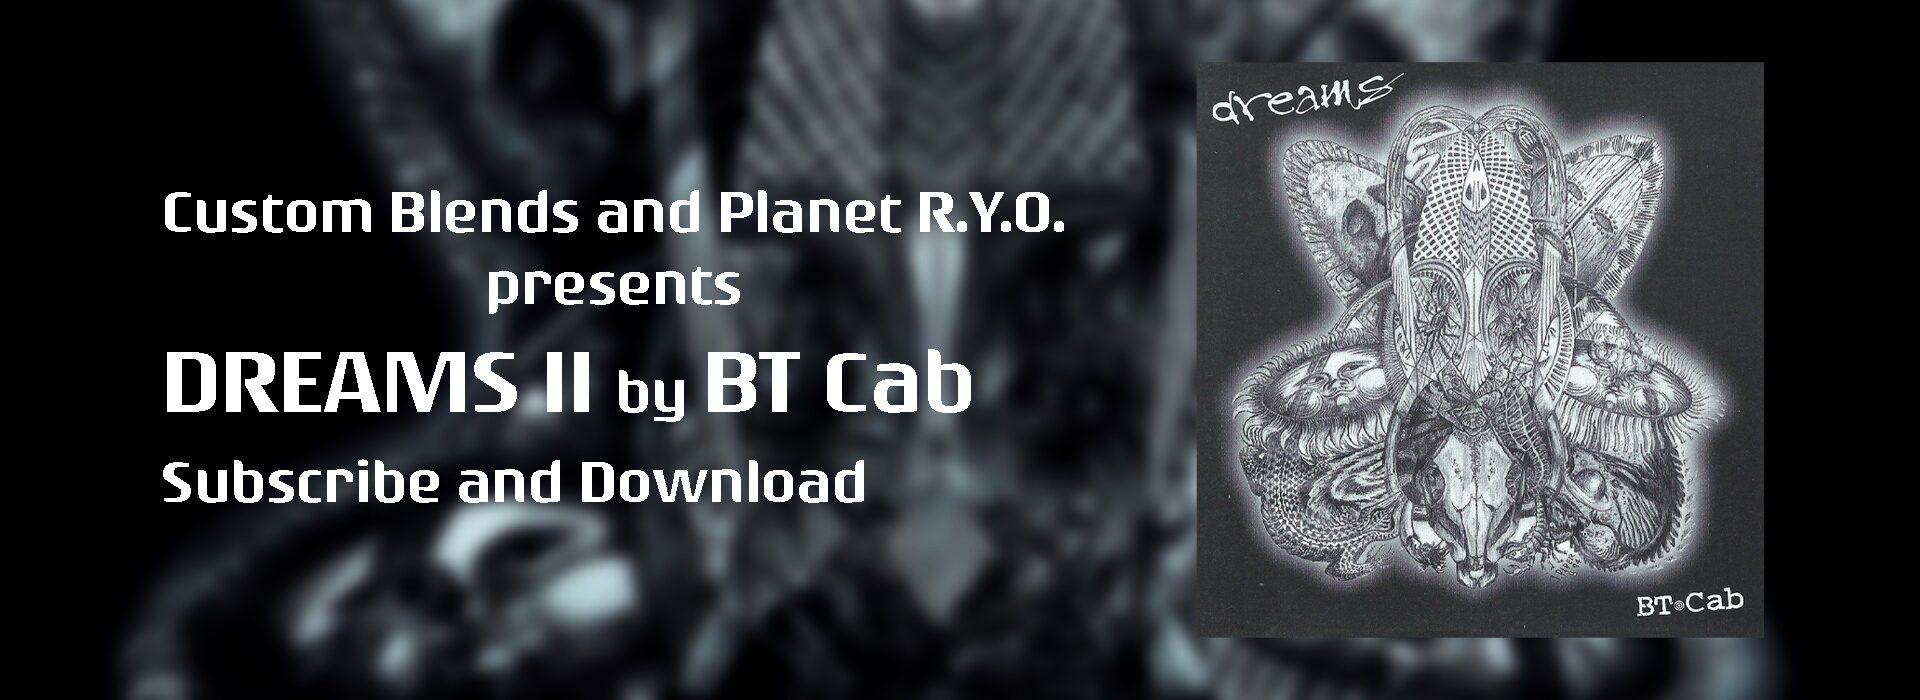 Planet R.Y.O BT Cab 16-9